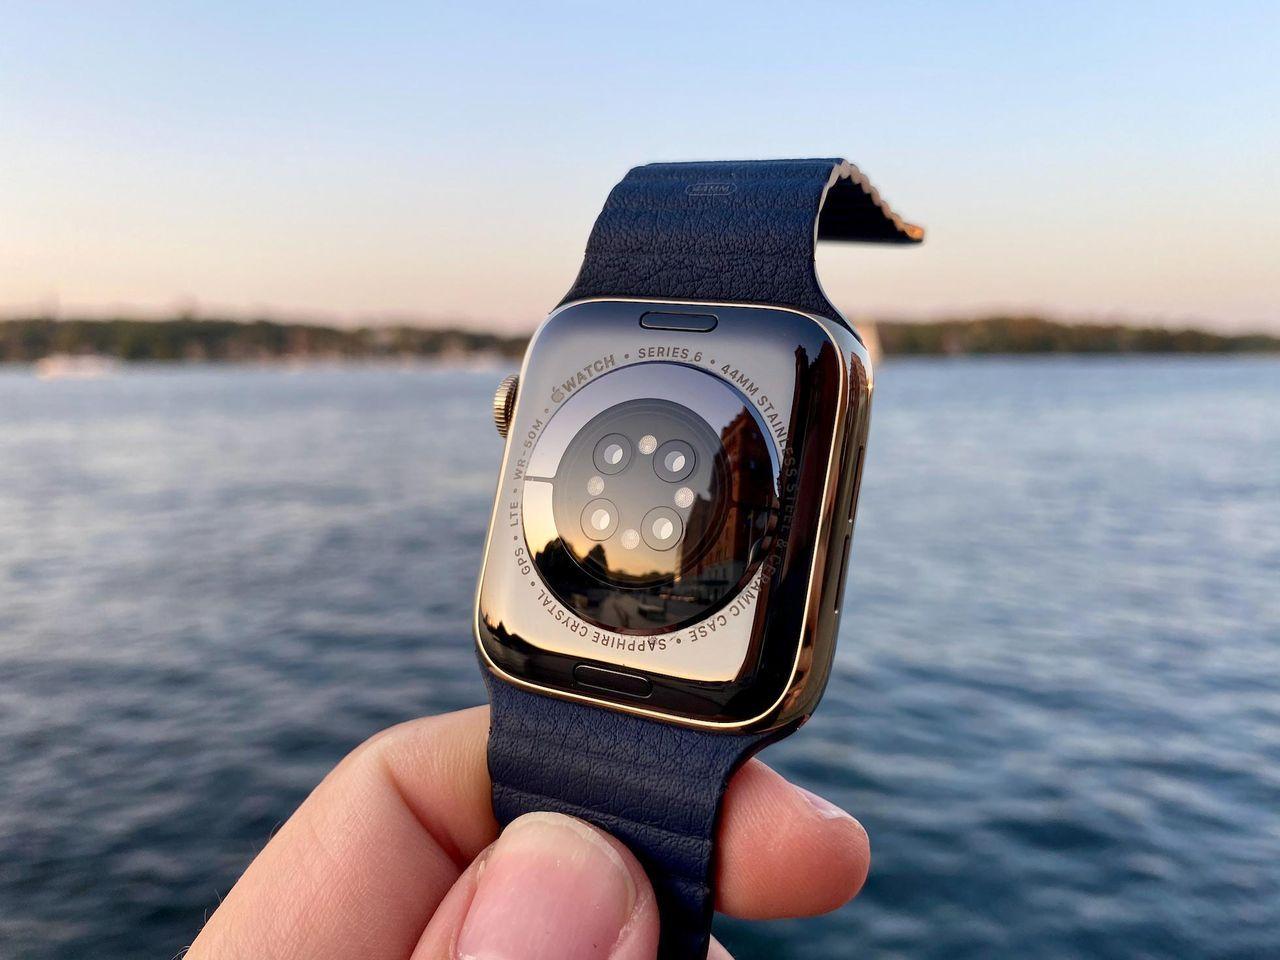 Nästa Apple Watch ryktas få ny skärm